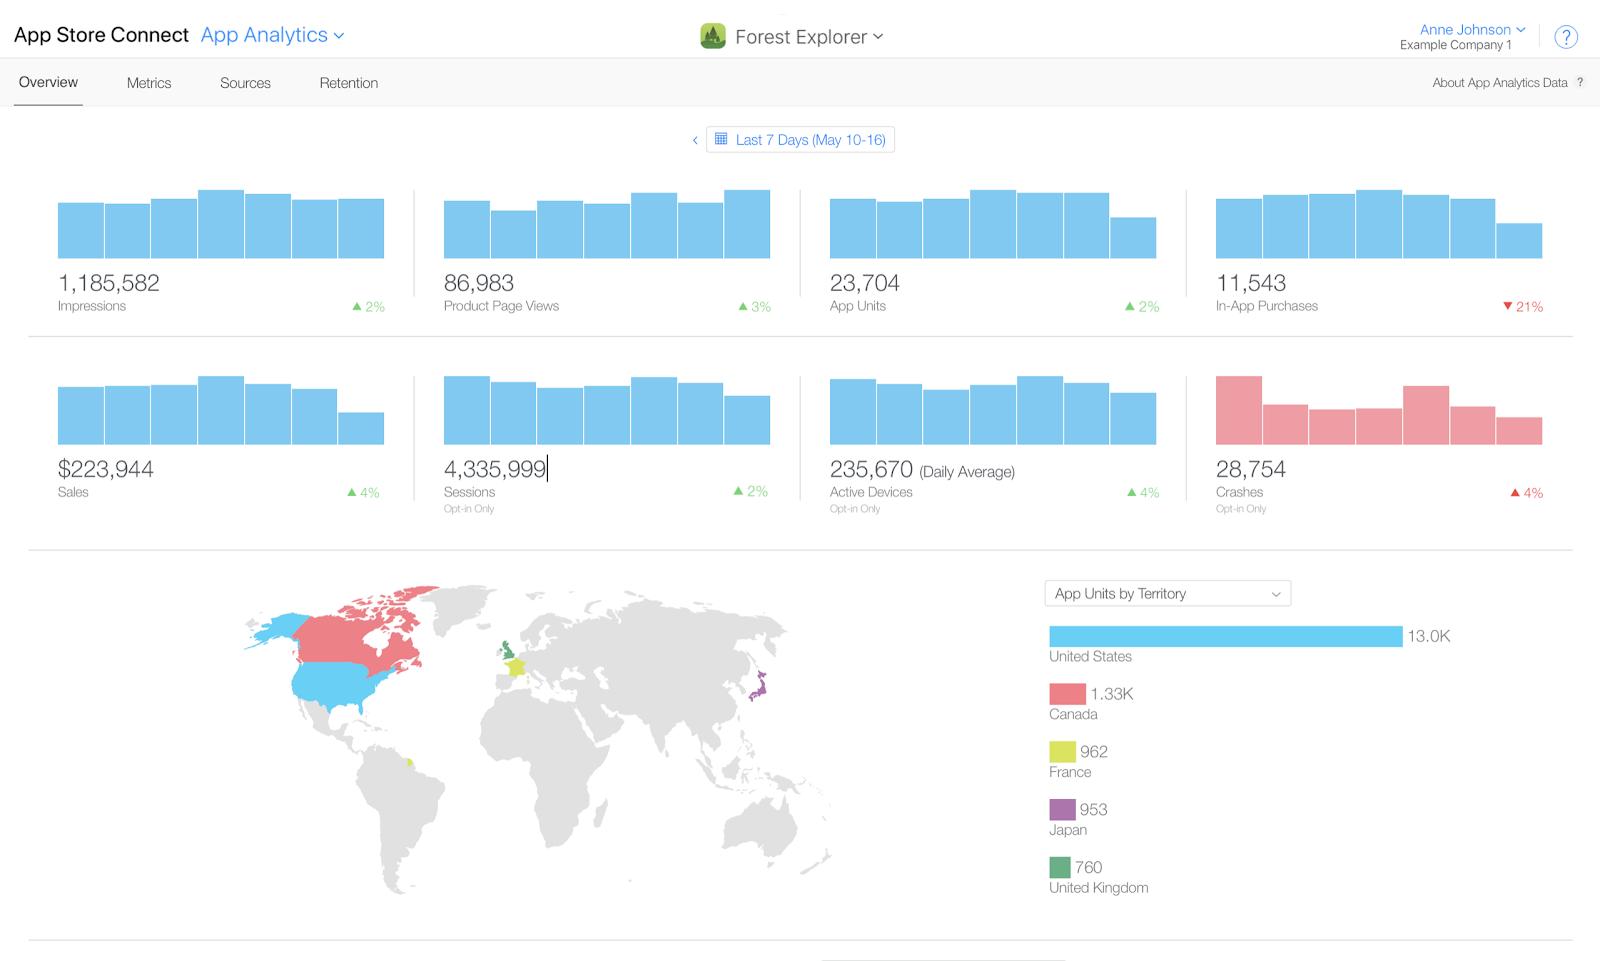 Gráficos com as taxas de impressão, visualização de página, unidades de aplicativos, vendas no aplicativos, vendas, sessões, dispositivos e quedas.